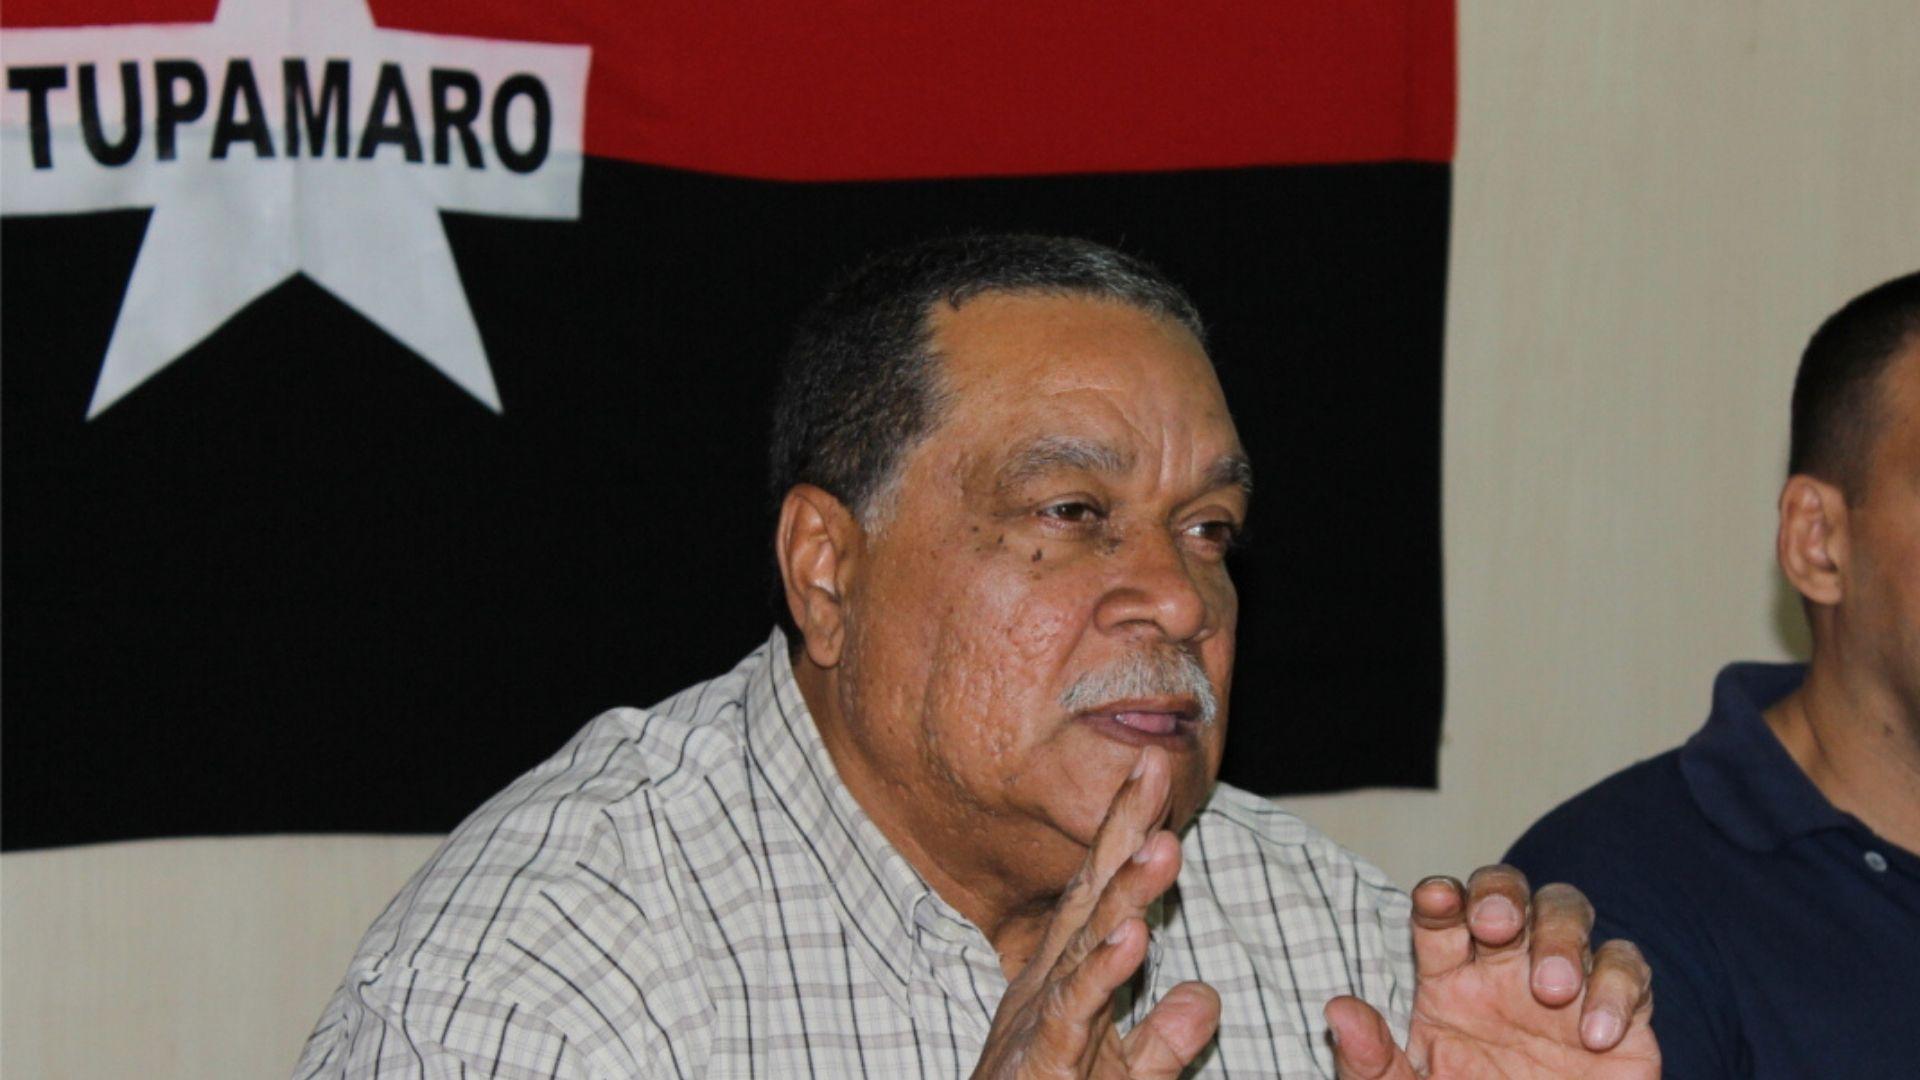 Dictan privativa de libertad contra líder Tupamaro por asesinato de uno de sus empleados